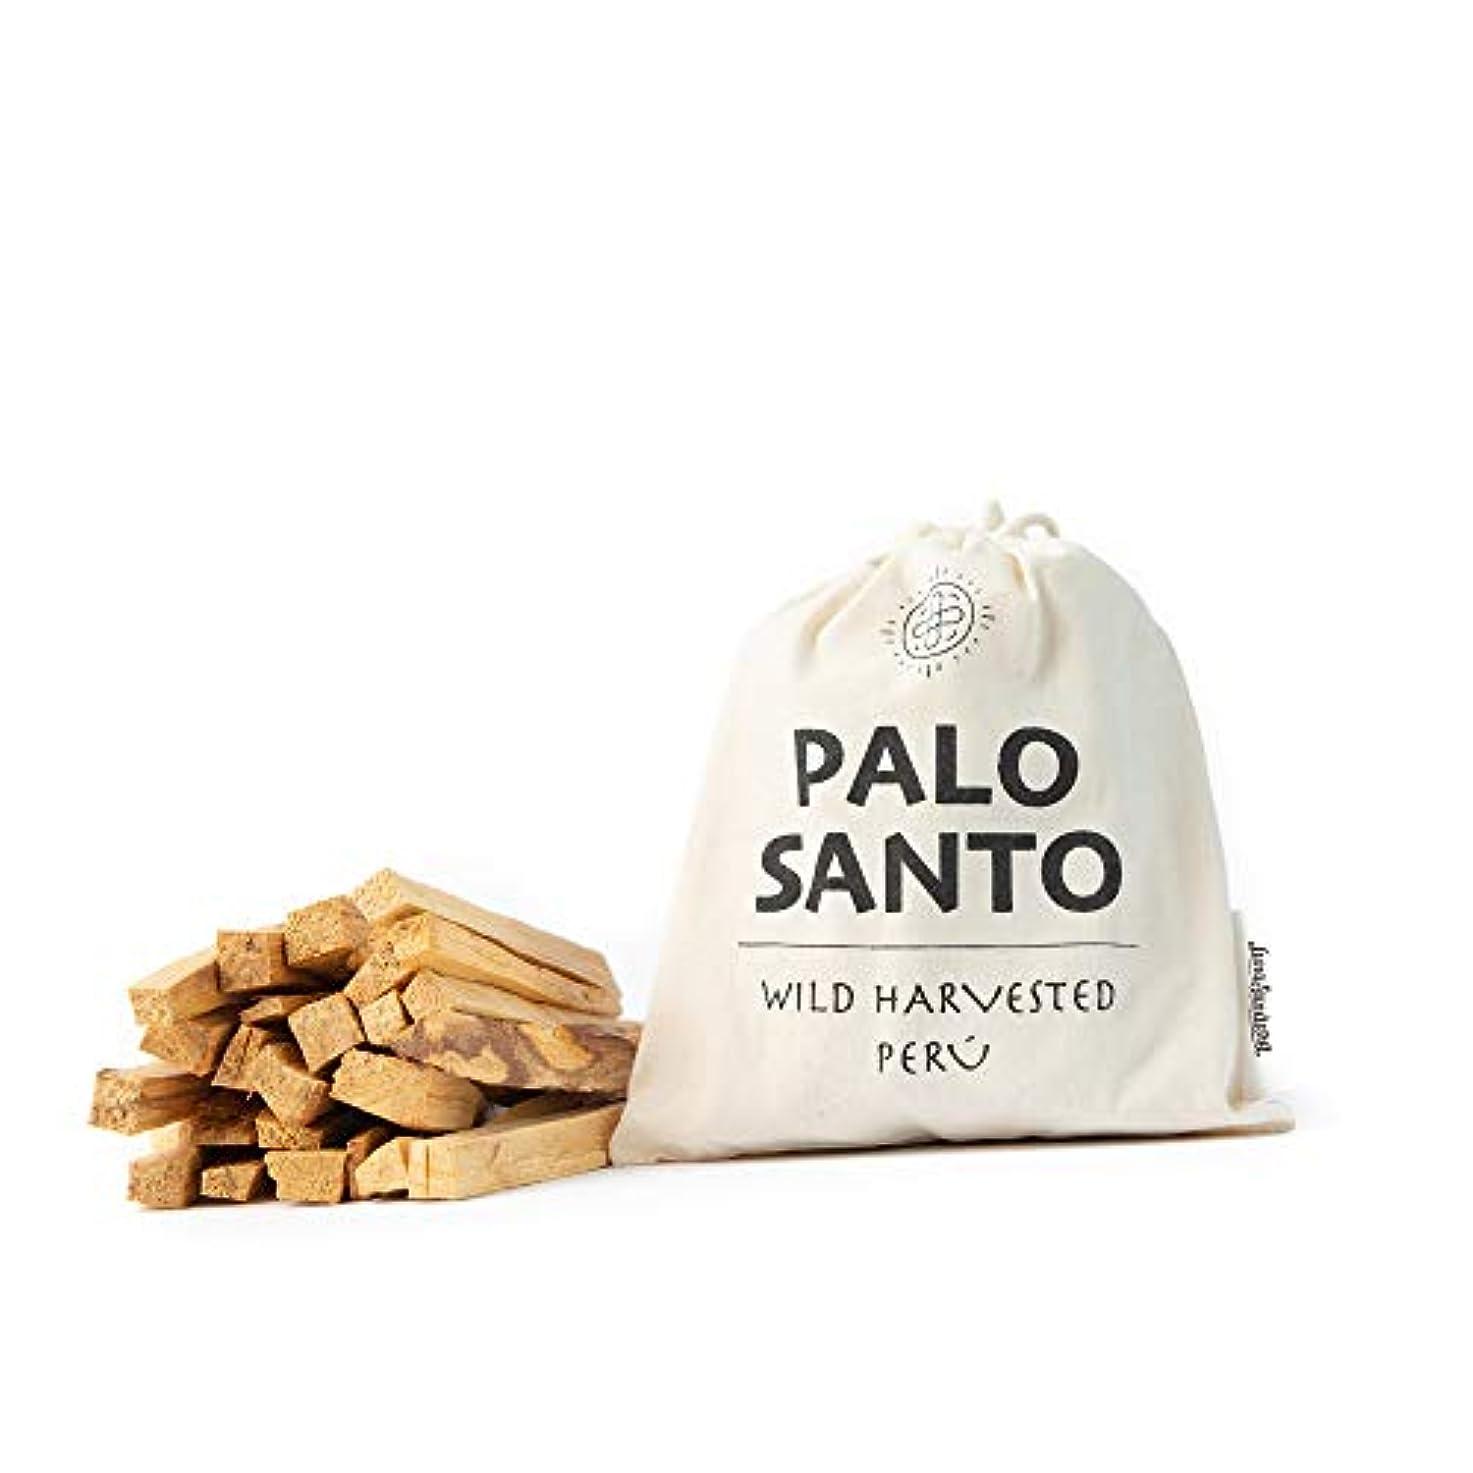 再集計道徳事前にLuna Sundara Palo Santo Smudging Sticks Peru Sustainably Harvested Quality Hand Picked - 100グラム(約18-25スティック)